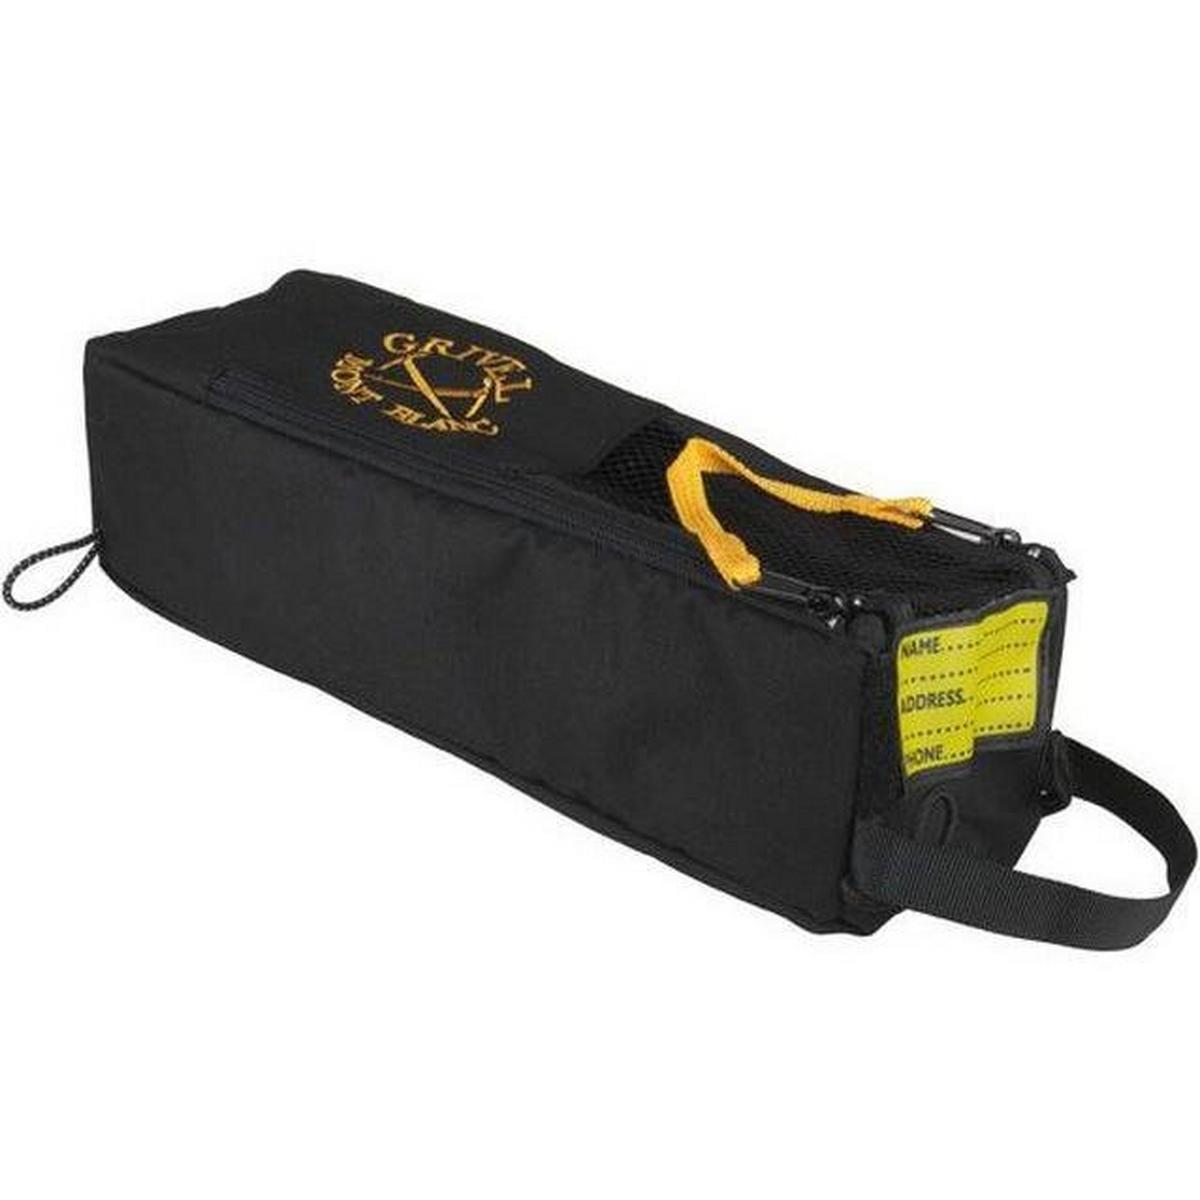 Grivel Crampon Bag Safe - Black